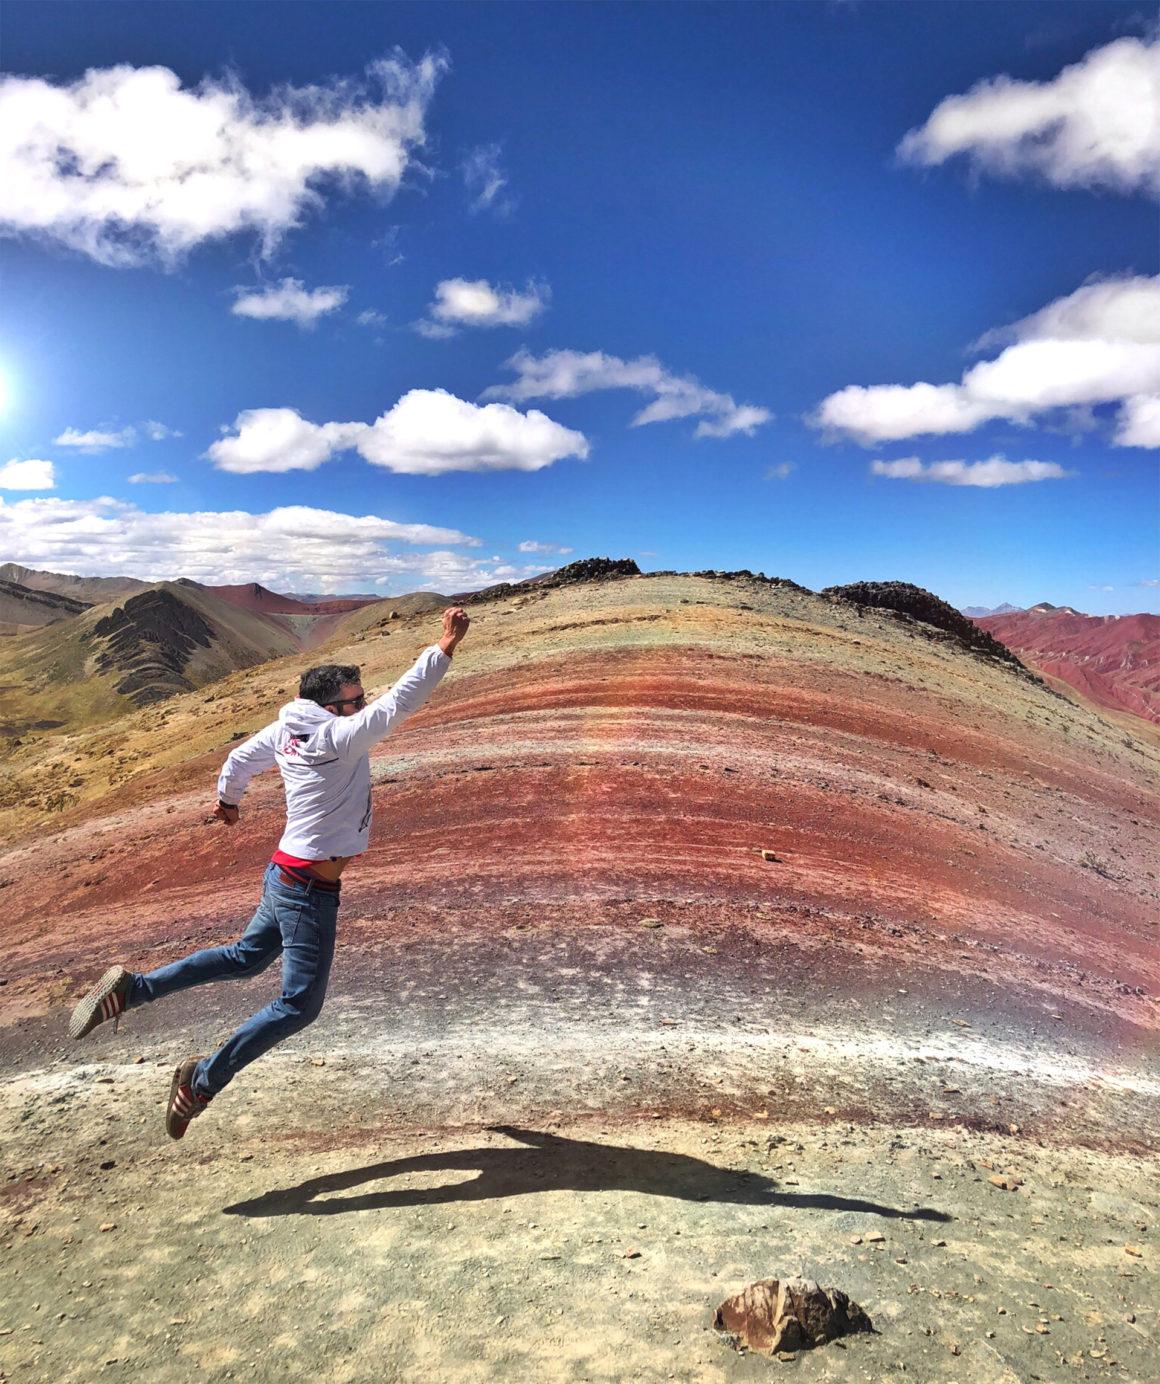 Ruta por Perú en dos semanas ruta por perú en dos semanas - montana colores palcoyo vinicunca peru cusco 20 1160x1384 - Nuestra Ruta por Perú en dos semanas : Diario de Viaje a Perú